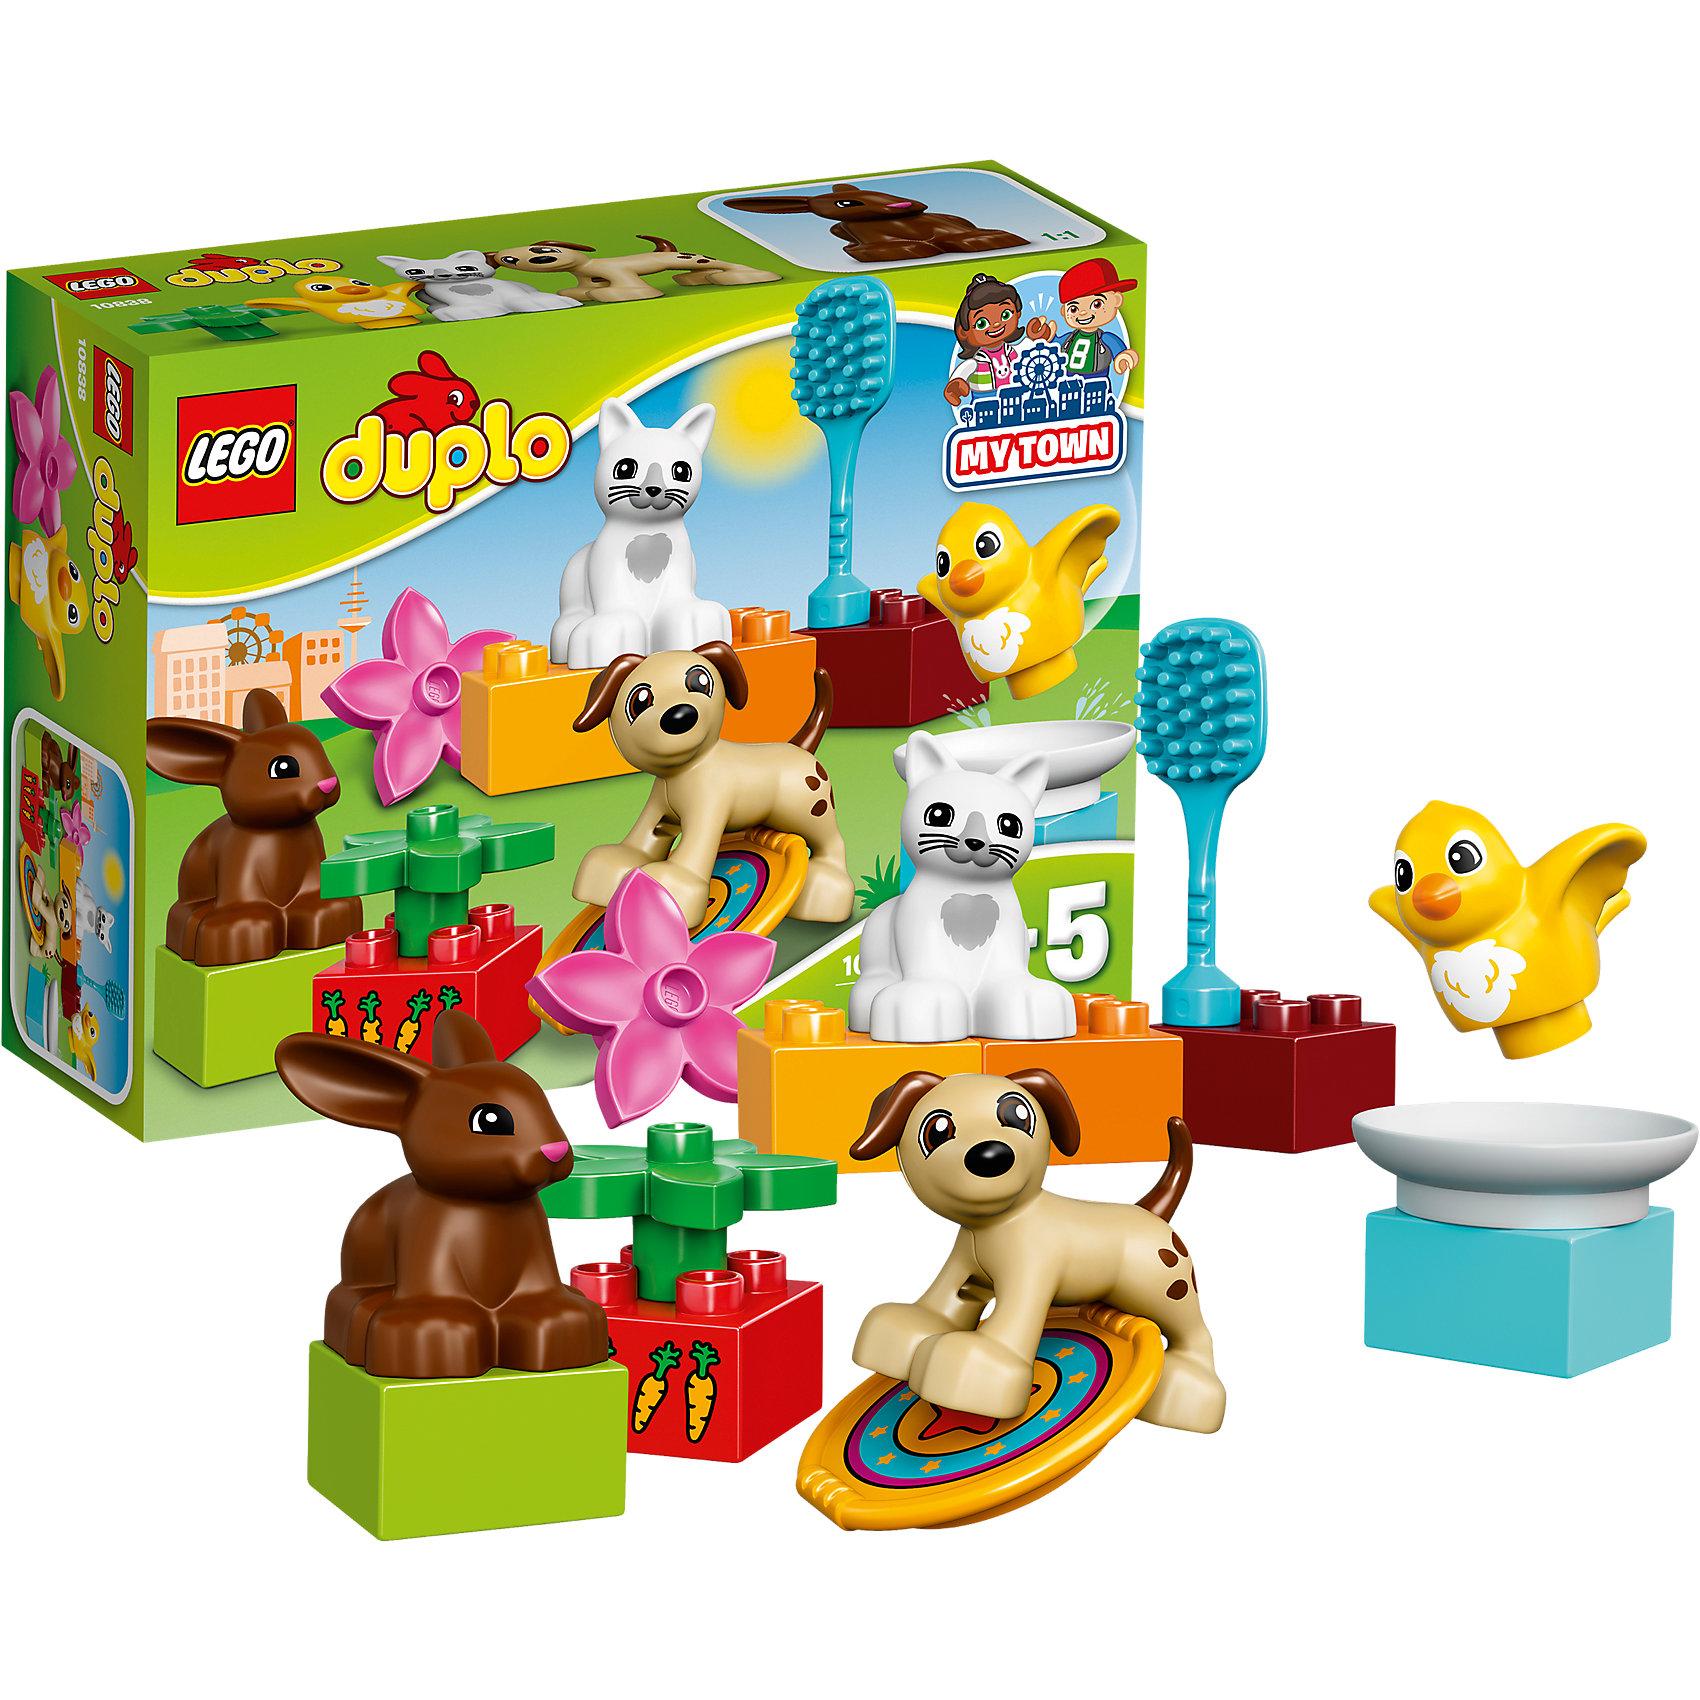 LEGO DUPLO 10838: Домашние животныеПластмассовые конструкторы<br>LEGO DUPLO 10838: Домашние животные<br><br>Характеристики:<br><br>- в набор входит: детали, 4 фигурки животных, аксессуары, инструкция<br>- состав: пластик<br>- количество деталей: 15<br>- для детей в возрасте: от 2 до 5 лет<br>- Страна производитель: Дания/Китай/Чехия/<br><br>Легендарный конструктор LEGO (ЛЕГО) представляет серию «DUPLO» (Д?пло) для самых маленьких. Крупные детали безопасны для малышей, а интересная тематика, возможность фантазировать, собирать из конструктора свои фигуры и играть в него приведут кроху в восторг! В этом наборе вместе дружно живут кошечка, кролик, собачка и цыпленок. Каждая фигурка качественно детализирована и отлично прорисована. В набор входит тарелка для еды или для купания, расческа, диск фрисби, два цветочка, а также блок с нарисованными морковками. Малыш сможет ухаживать за домашними животными, придумывать им имена, а также  новые истории про них. Играя с этим конструктором дети смогут моделировать ситуации, фантазировать, развивать моторику ручек и создавать новые фигуры. <br><br>Конструктор LEGO DUPLO 10838: Домашние животные можно купить в нашем интернет-магазине.<br><br>Ширина мм: 195<br>Глубина мм: 142<br>Высота мм: 63<br>Вес г: 152<br>Возраст от месяцев: 24<br>Возраст до месяцев: 60<br>Пол: Унисекс<br>Возраст: Детский<br>SKU: 5002508